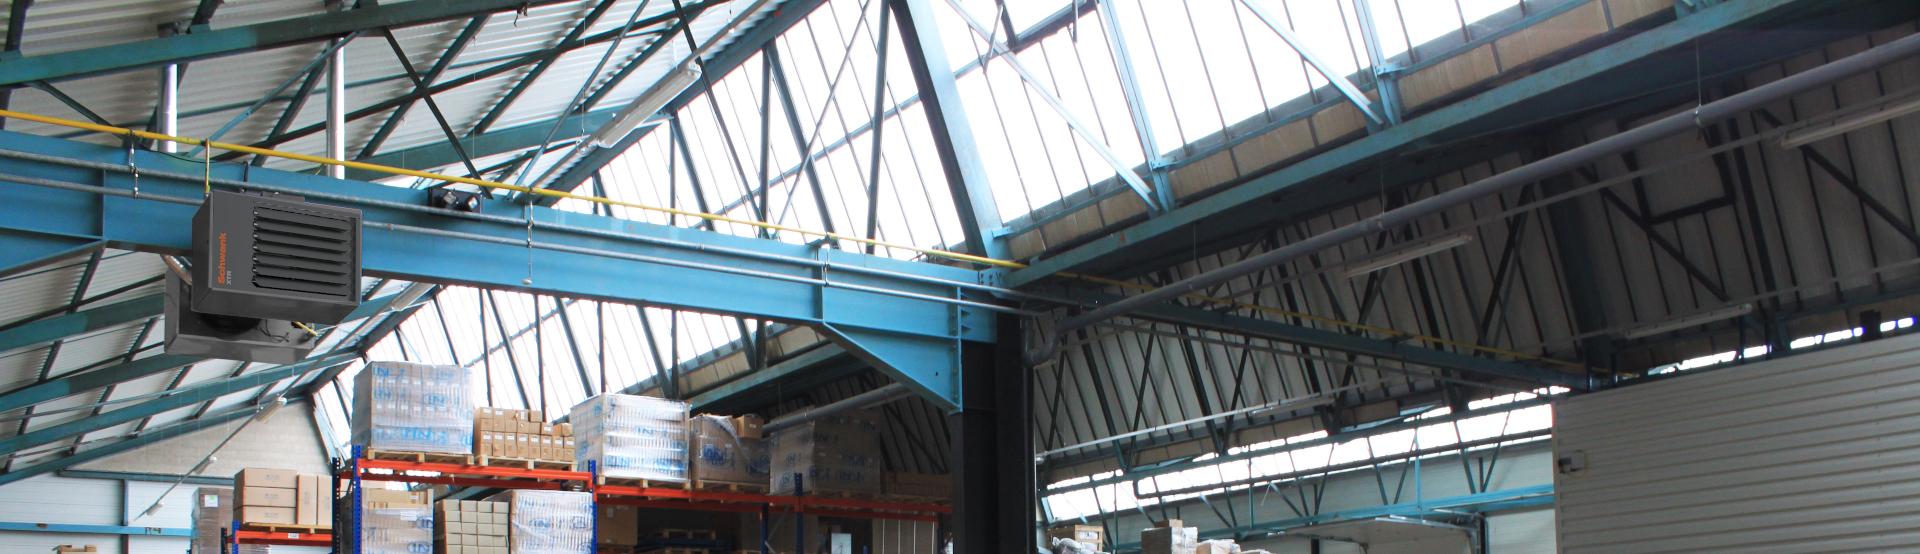 Ein horizontal ausblasender Warmlufterzeuger von Schwank in einer Lagerhalle.